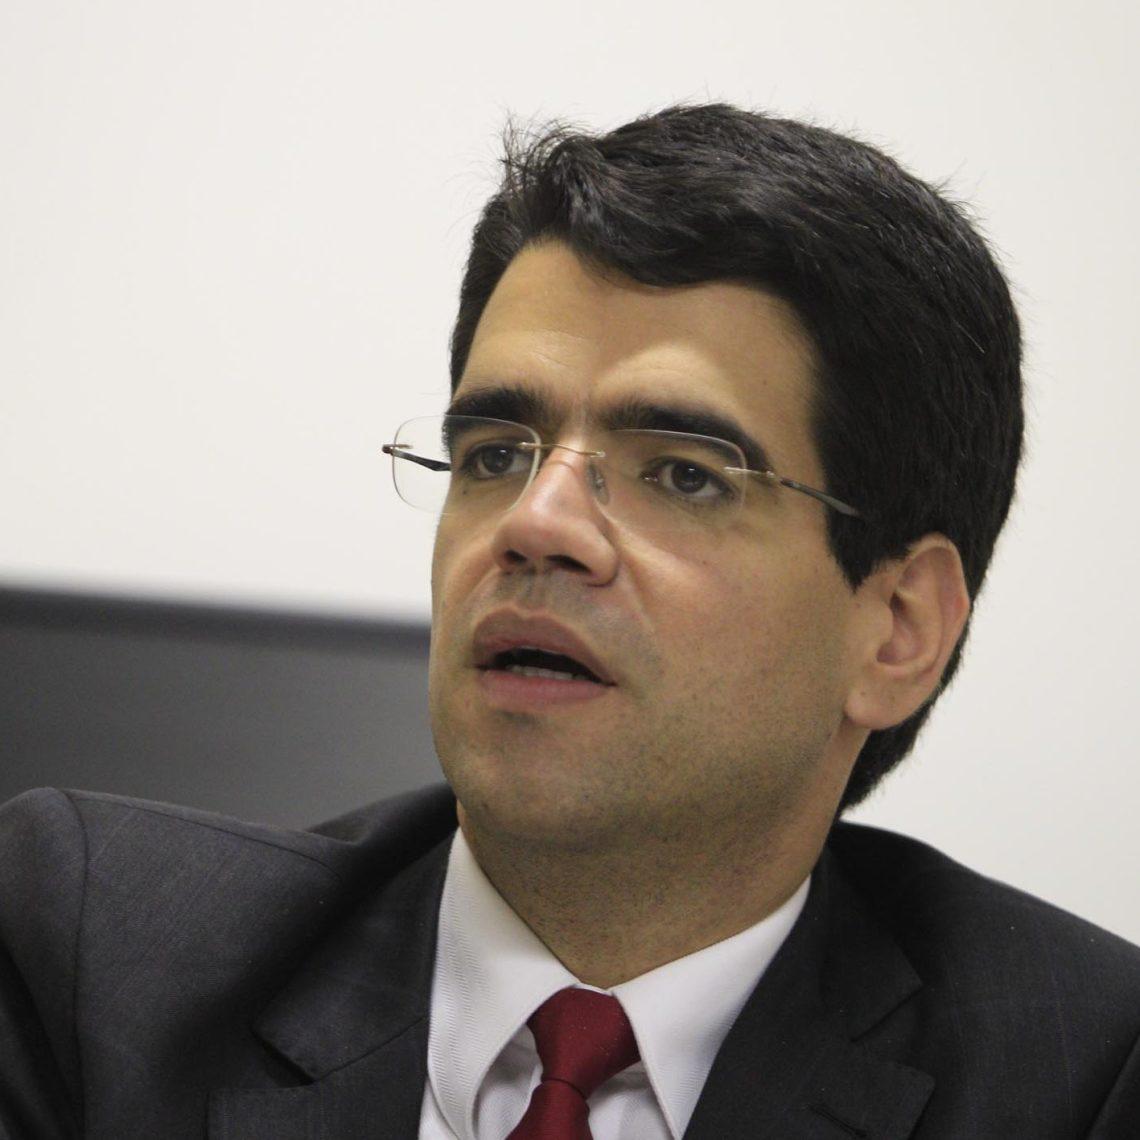 Jose-Vivaldo-Mendonca-Filho